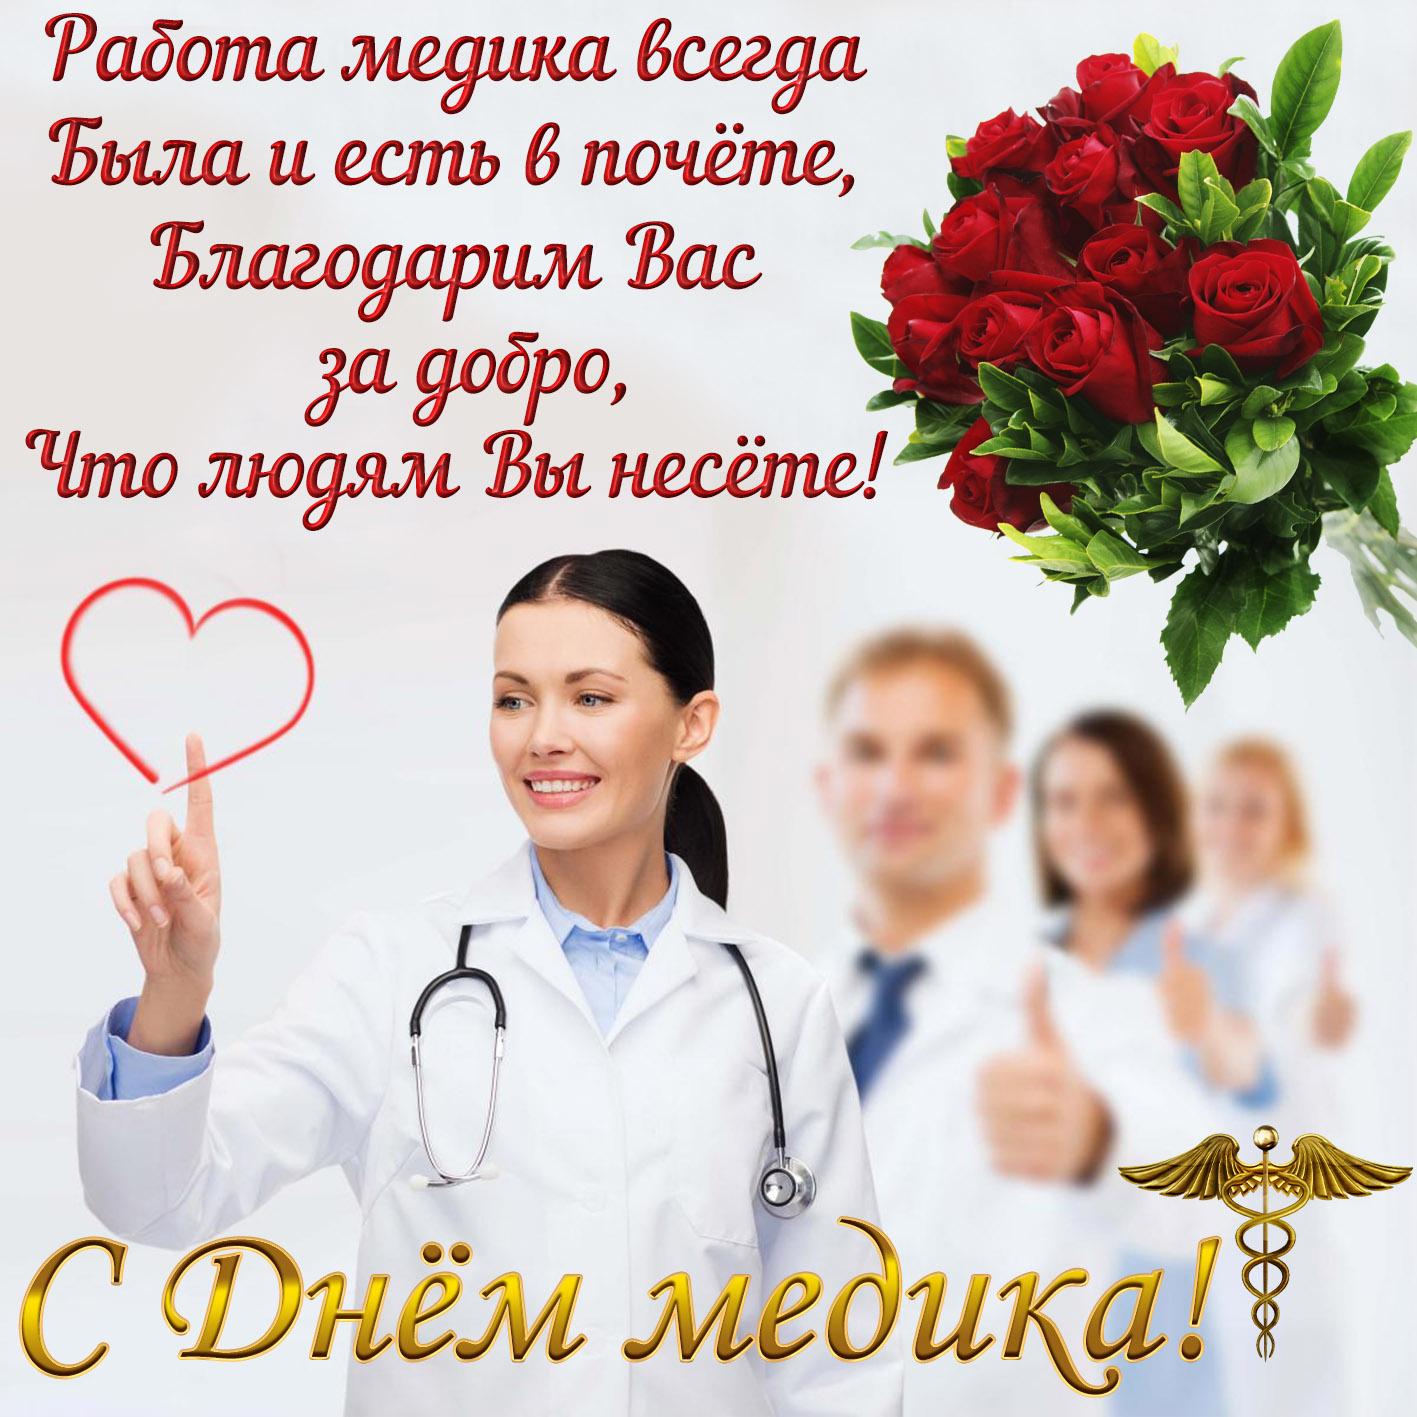 Поздравления с днем медика в прозе прикольные